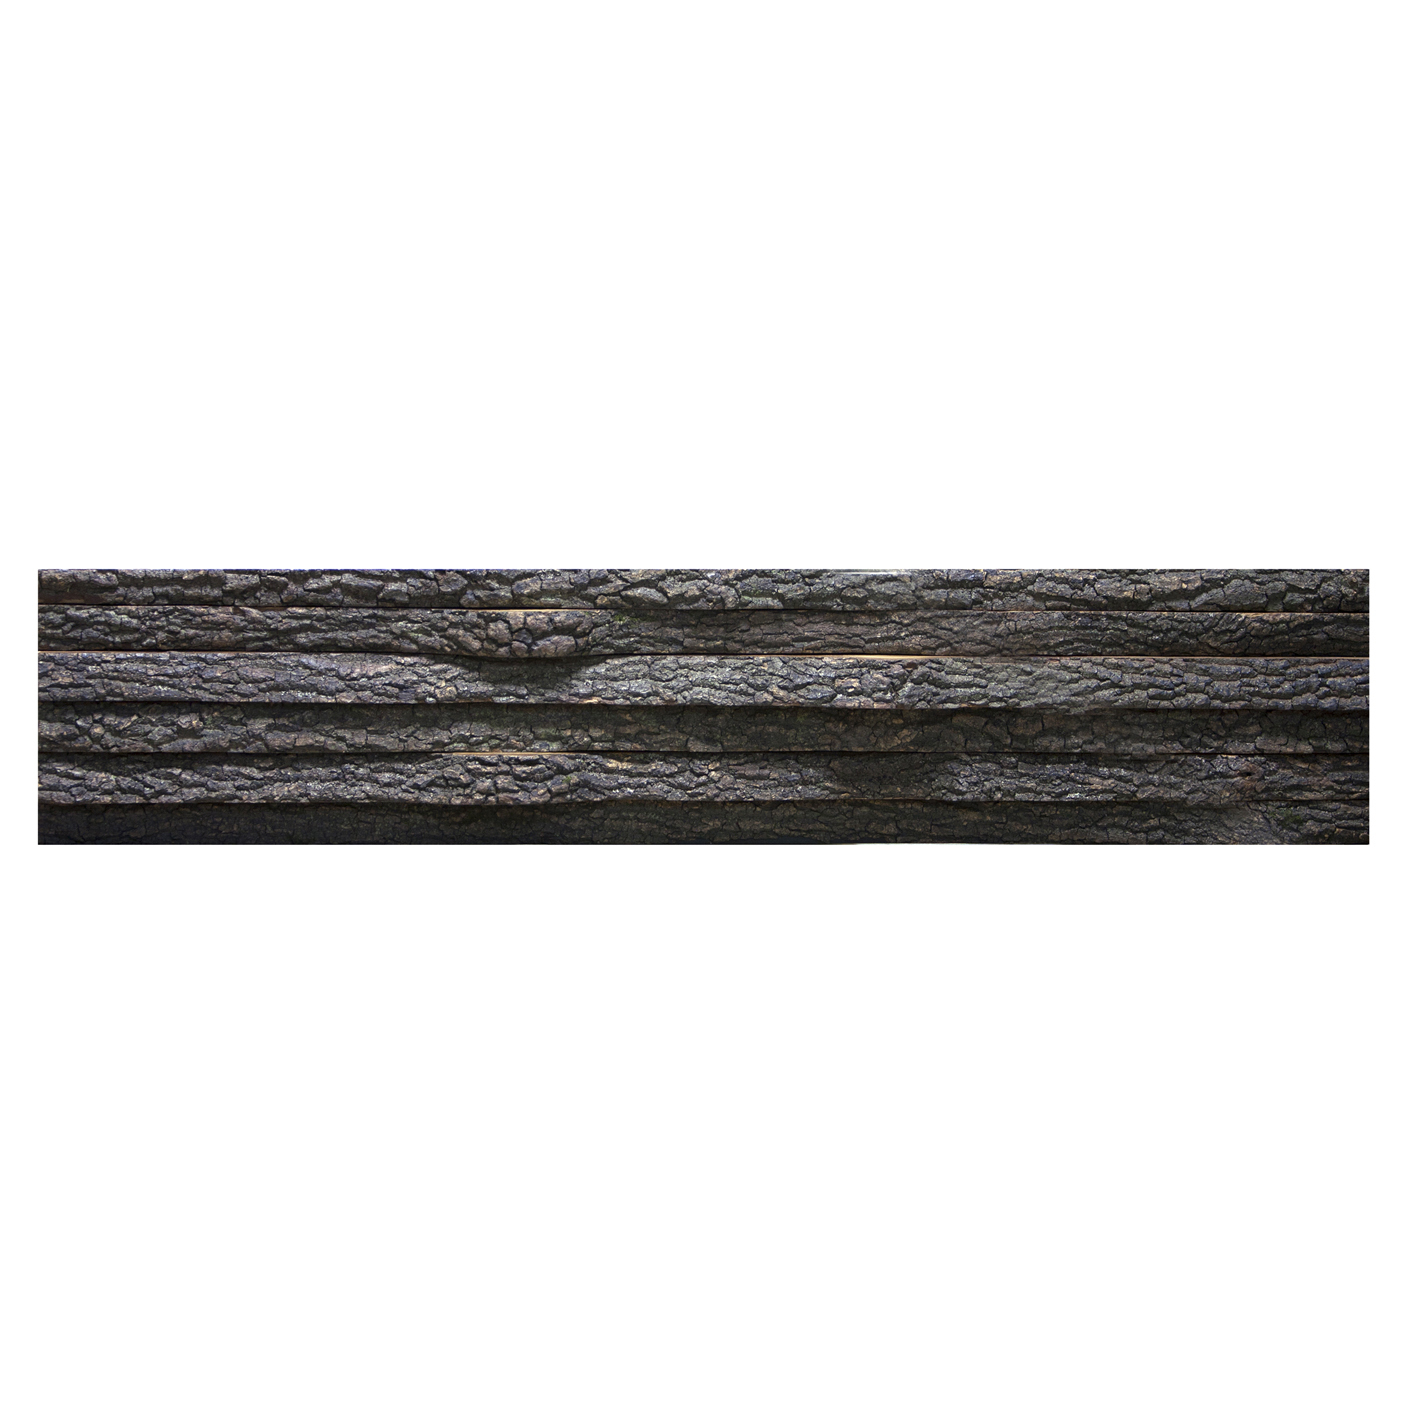 Панно OakbarkПанно<br>Декоративное панно из дерева и коры станет оригинальным декором интерьера в популярном сейчас эко-стиле. Удивите гостей и наполните дом энергией натуральных материалов.Материал: дуб, березовая фанера.Особенности: на обратной стороне имеют 2 закладные детали для крепления на стену.<br><br>kit: None<br>gender: None